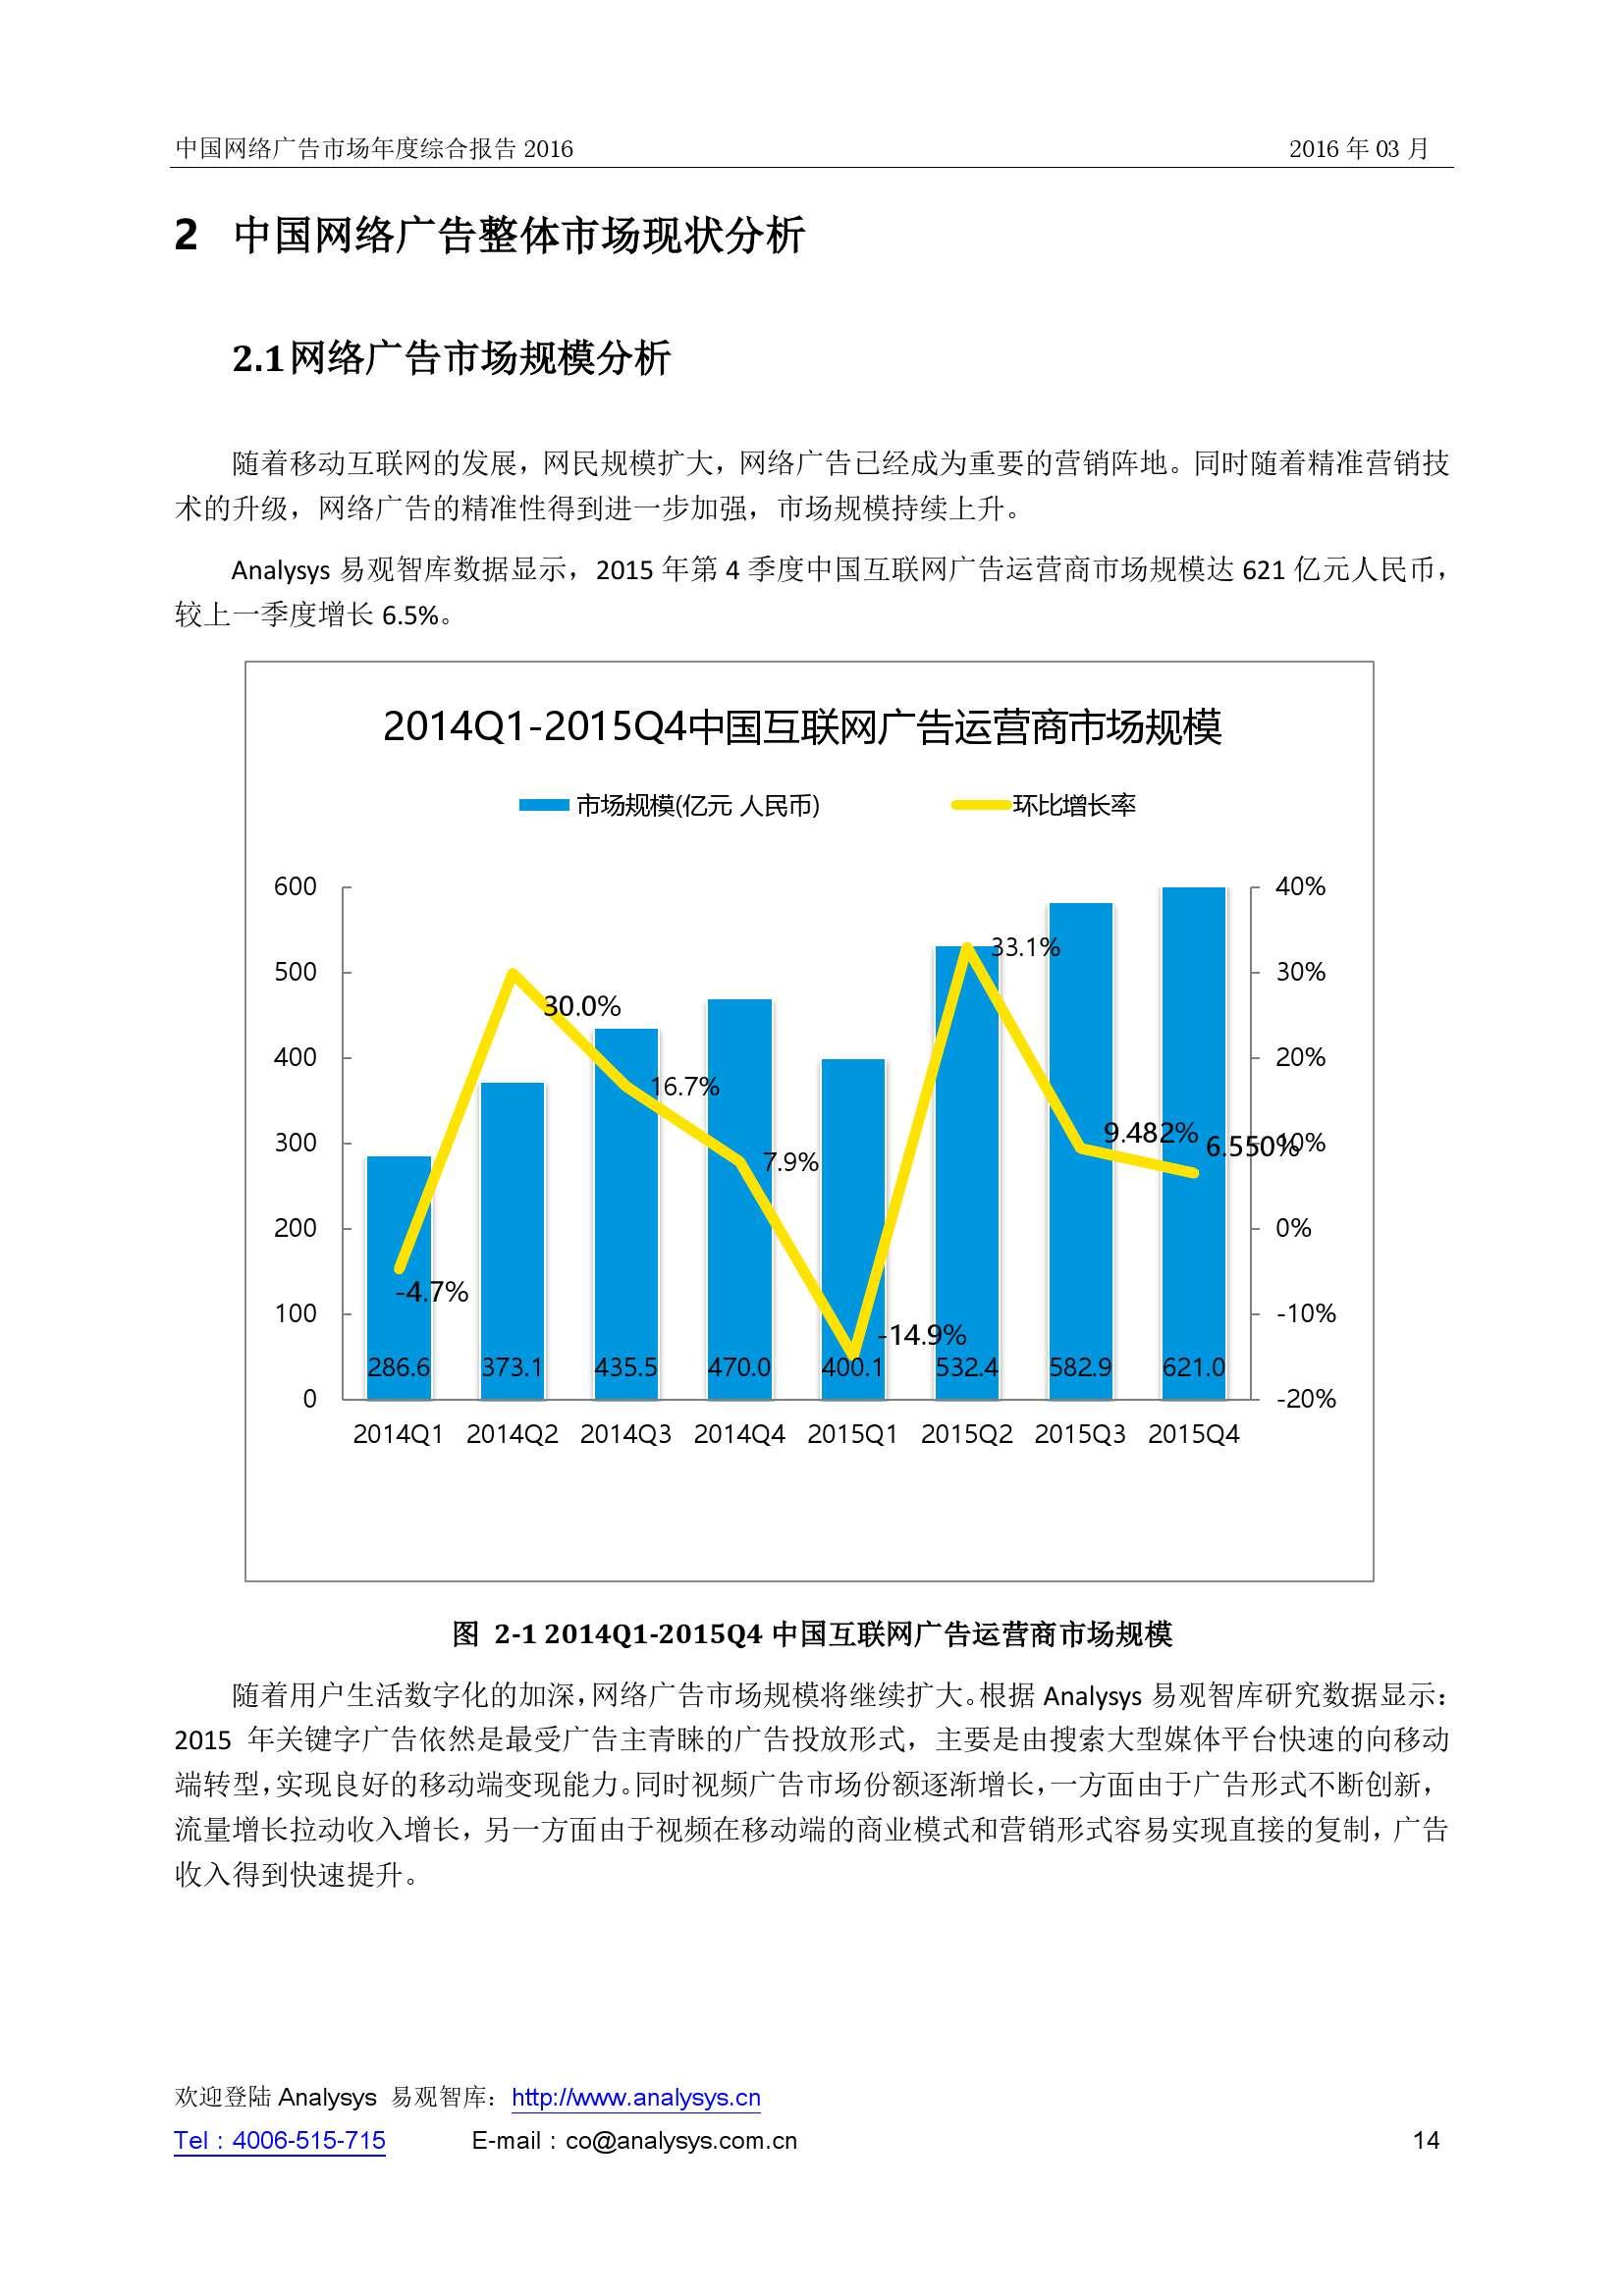 中国网络广告市场年度综合报告2016_000014